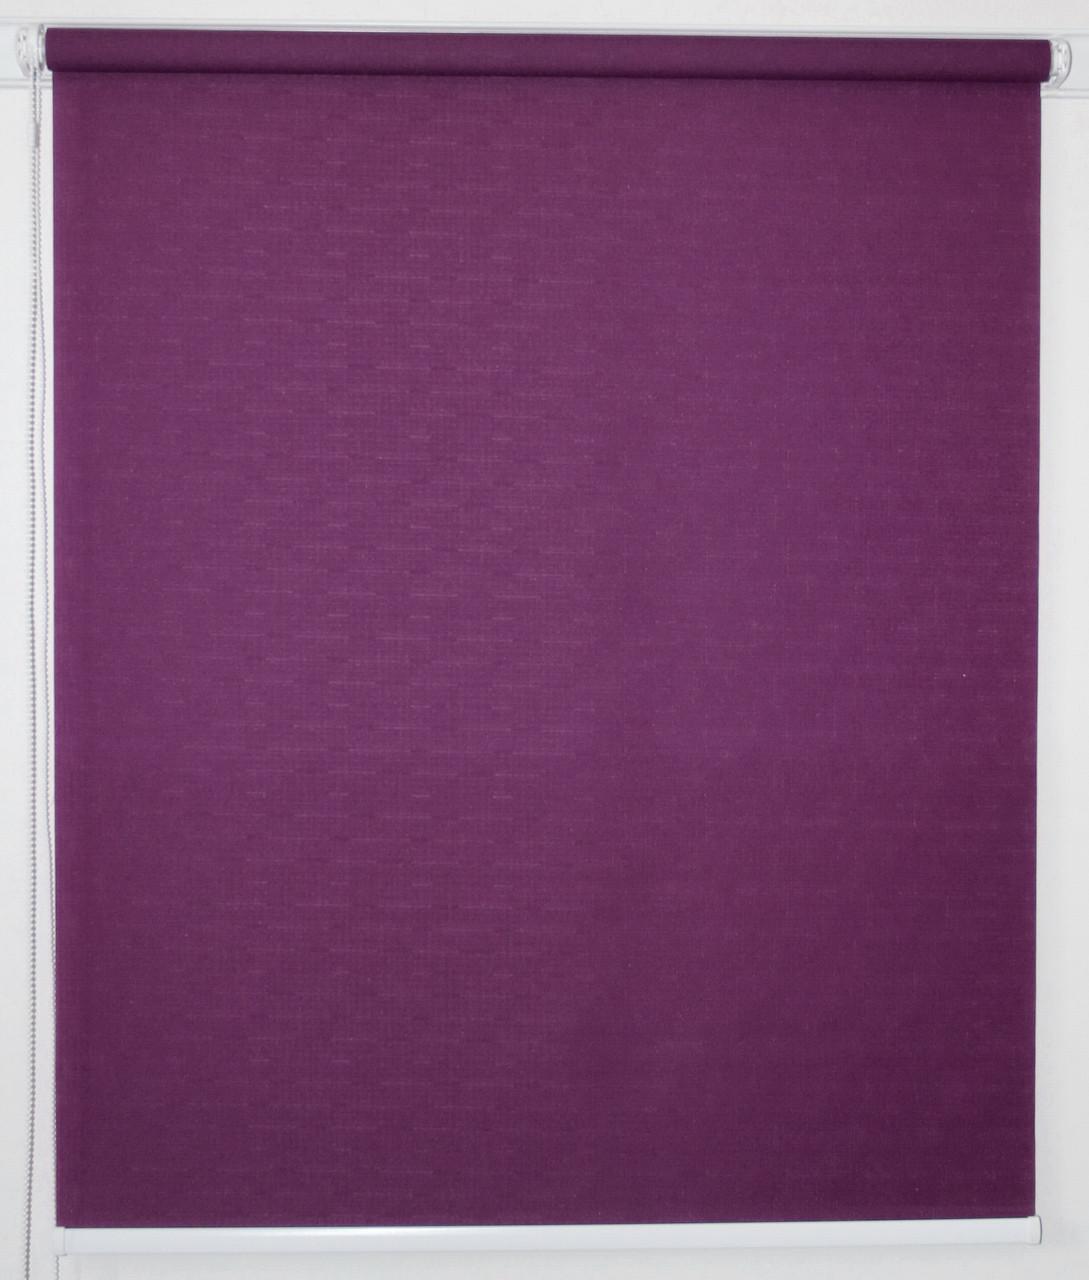 Рулонная штора 425*1500 Ткань Лён 613 Фиолетовый